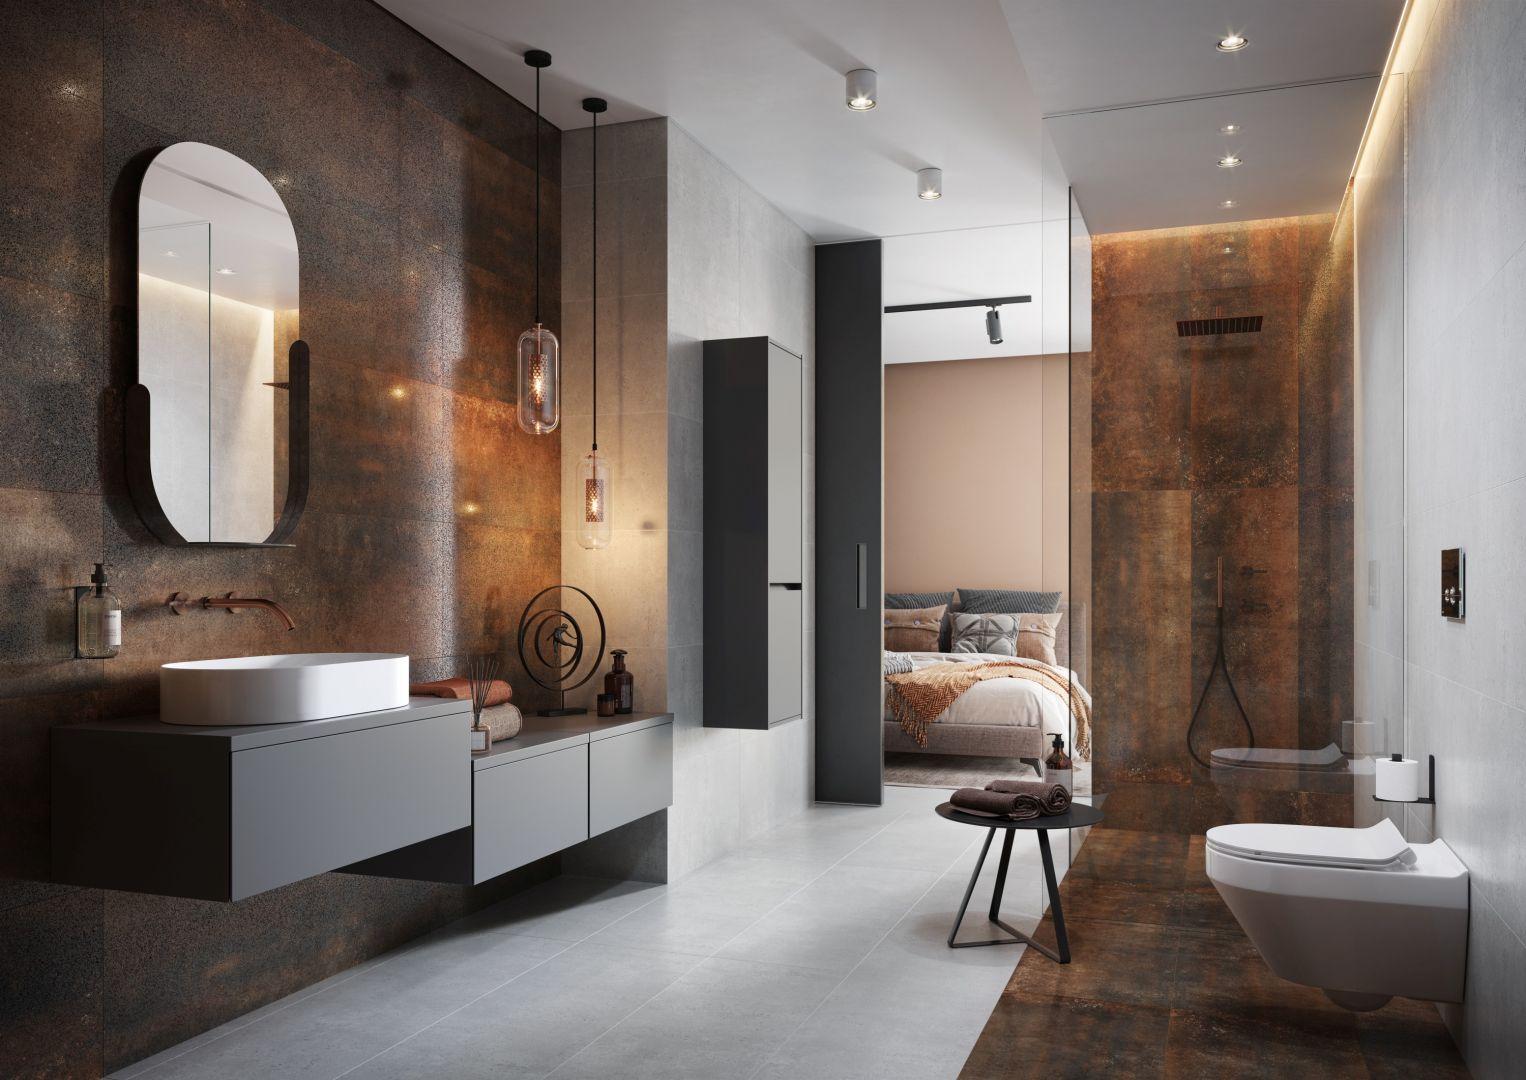 Kolekcja płytek ceramicznych Dren zbuduje w łazience niepowtarzalną scenerię. Cersanit.